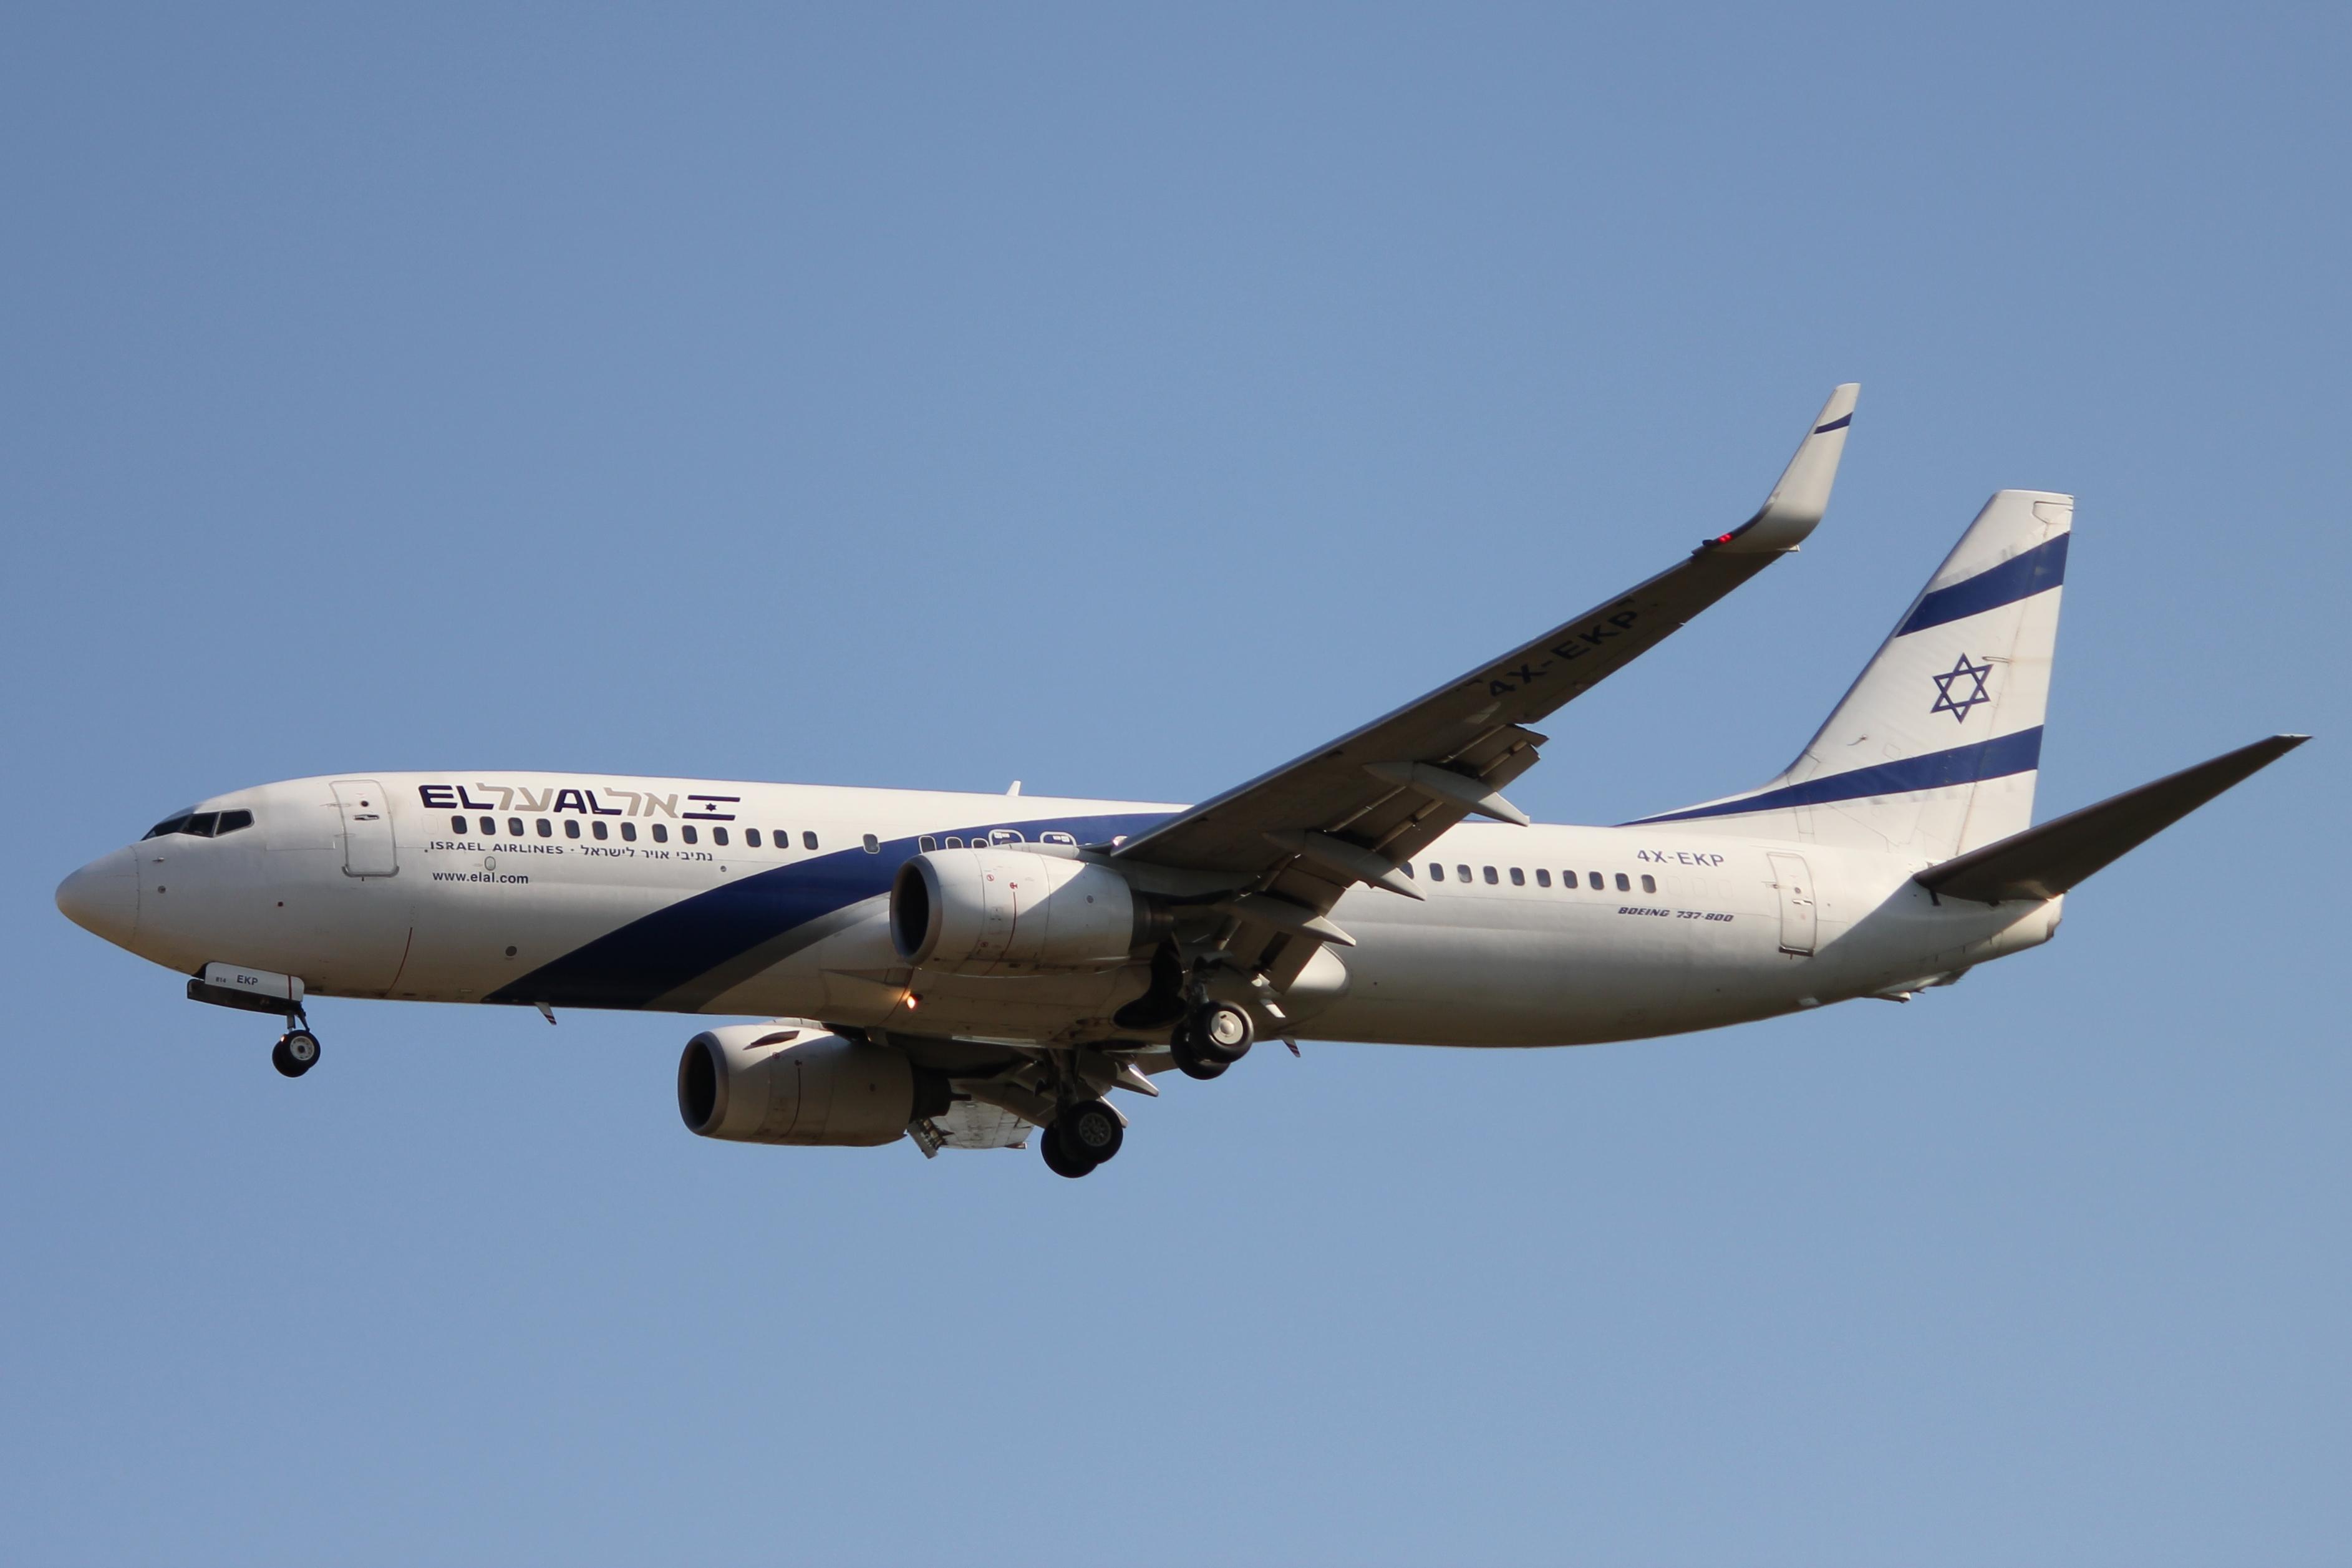 File:El Al 738 4X-EKP.JPG